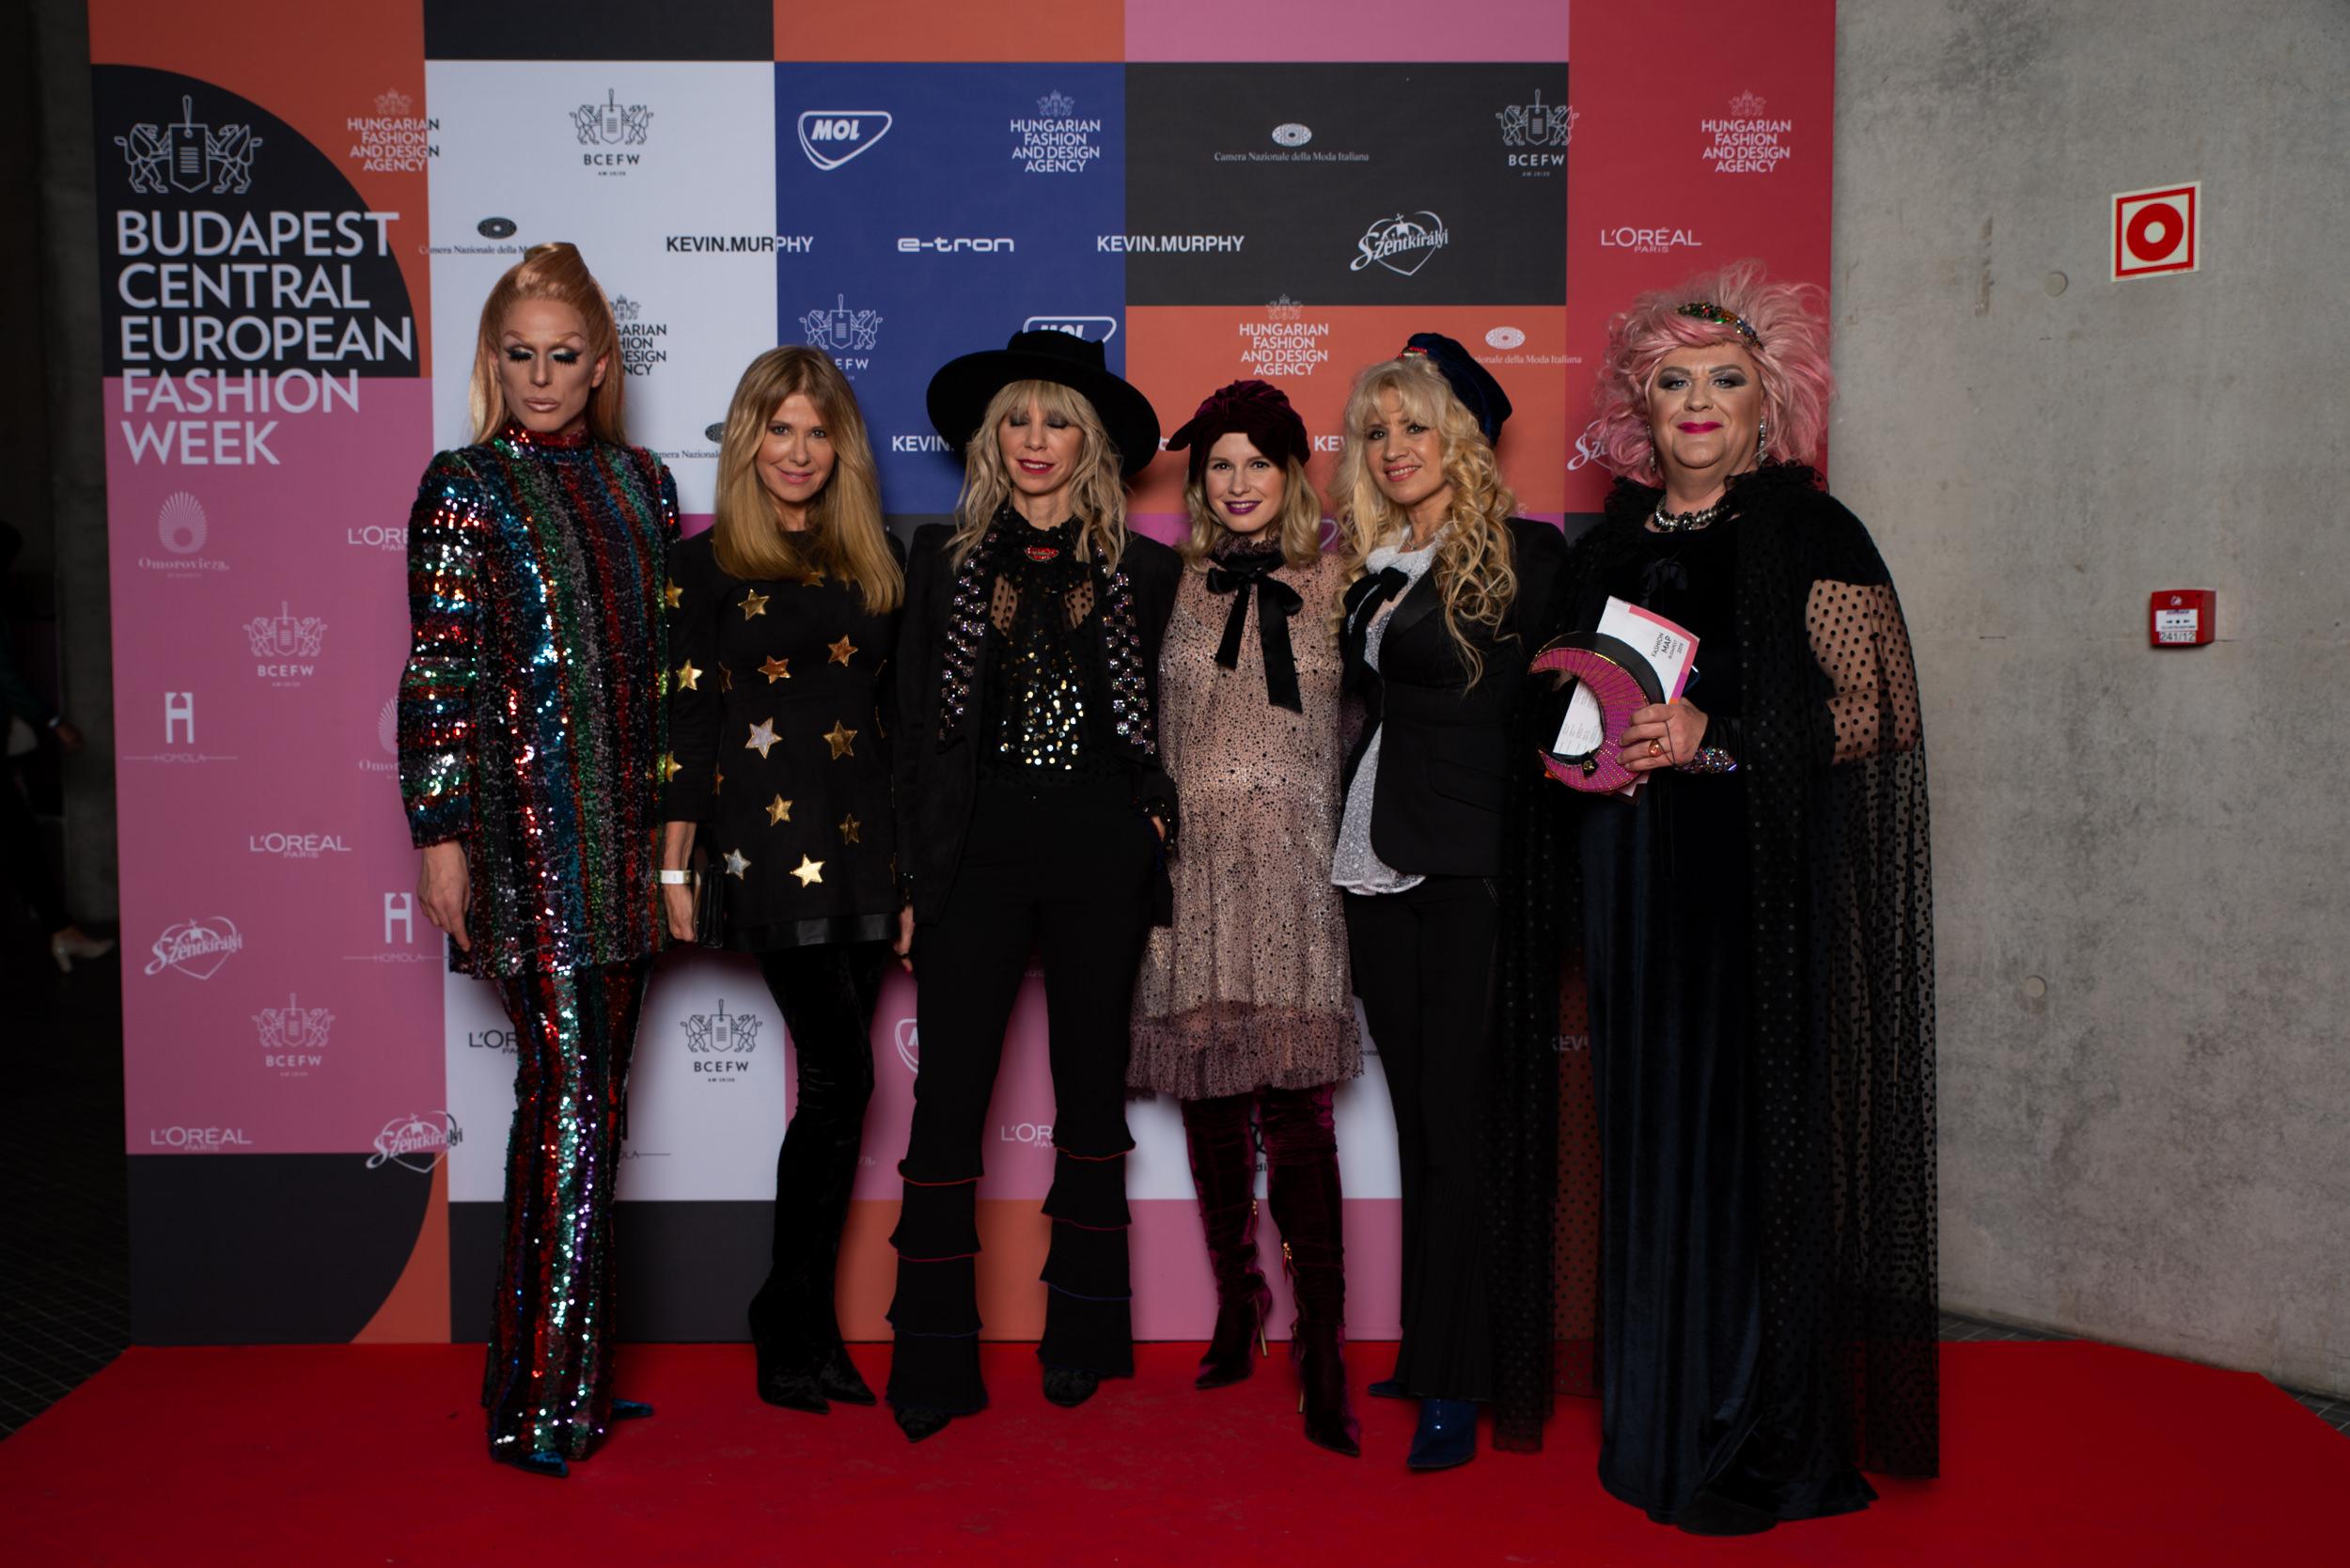 Az ABODI hölgykoszorújának egy része - Betty Blue és Lady Dömper drag queenek a széleken, Sütő Enikő, Péterfy Bori, Marge és Bíró Ica középen